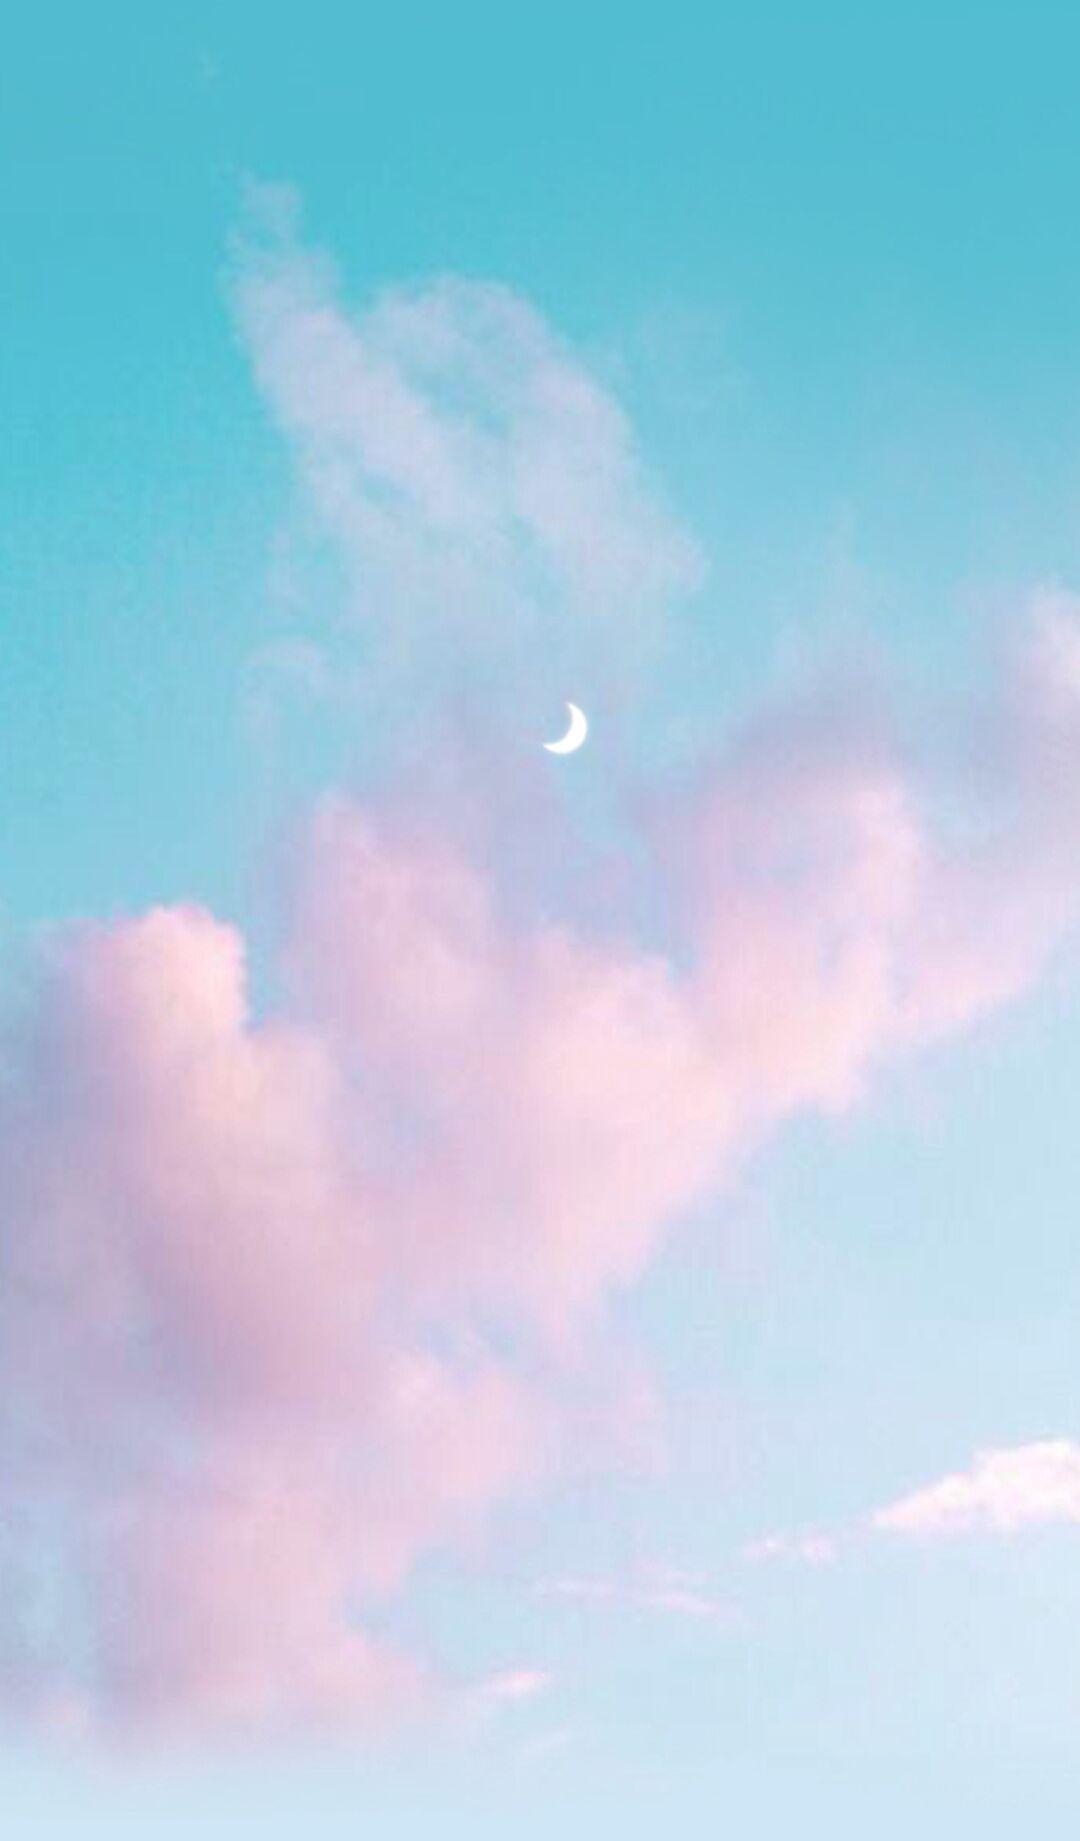 Og Gedung Gambar Lawa Blue Aesthetic Pastel Sky Aesthetic Pastel Sky